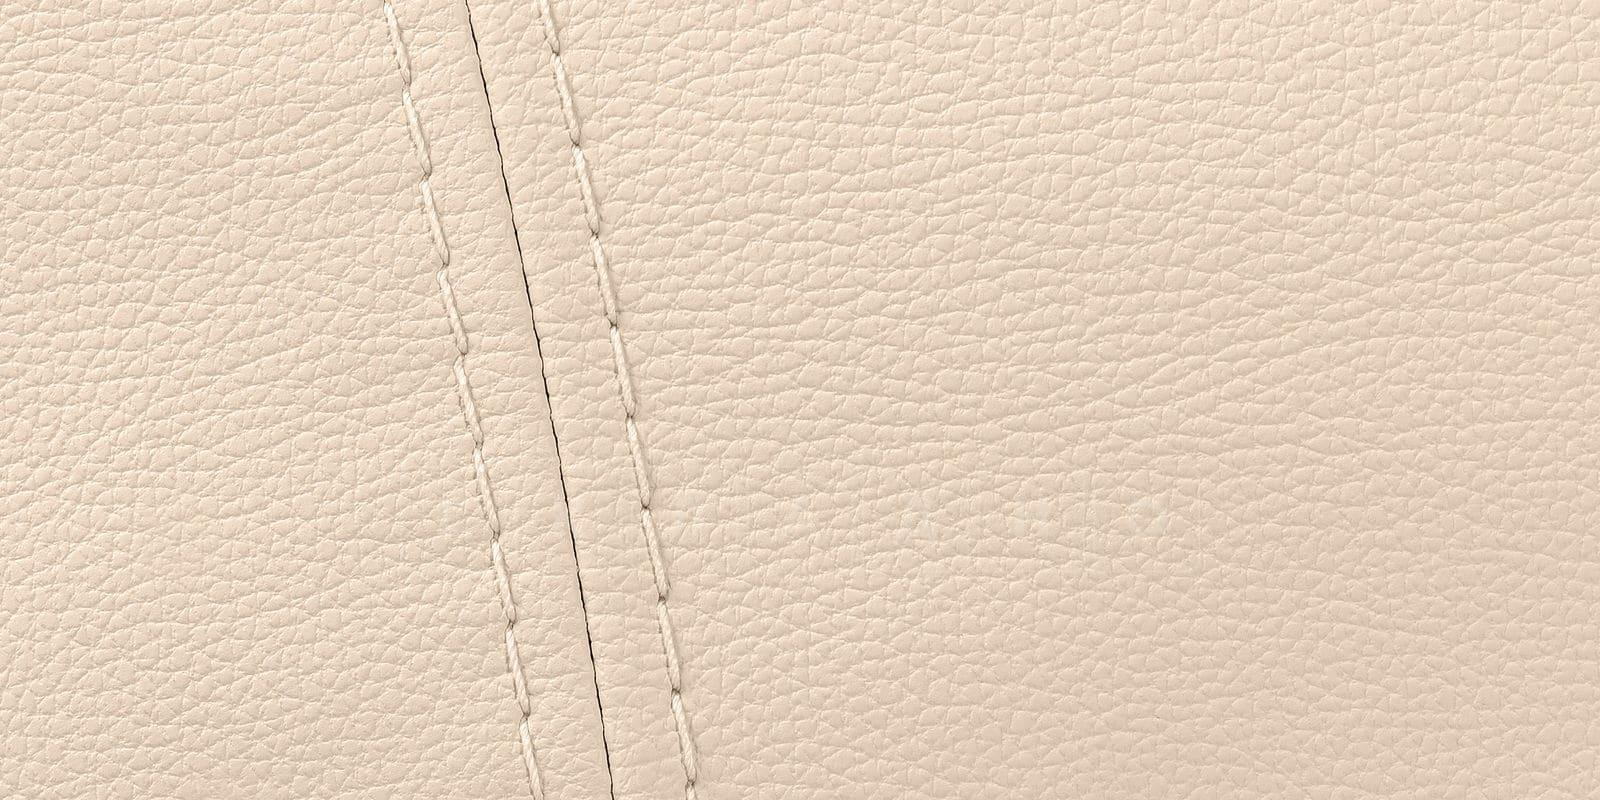 Диван угловой Бристоль кожаный бежевого цвета левый угол фото 9 | интернет-магазин Складно